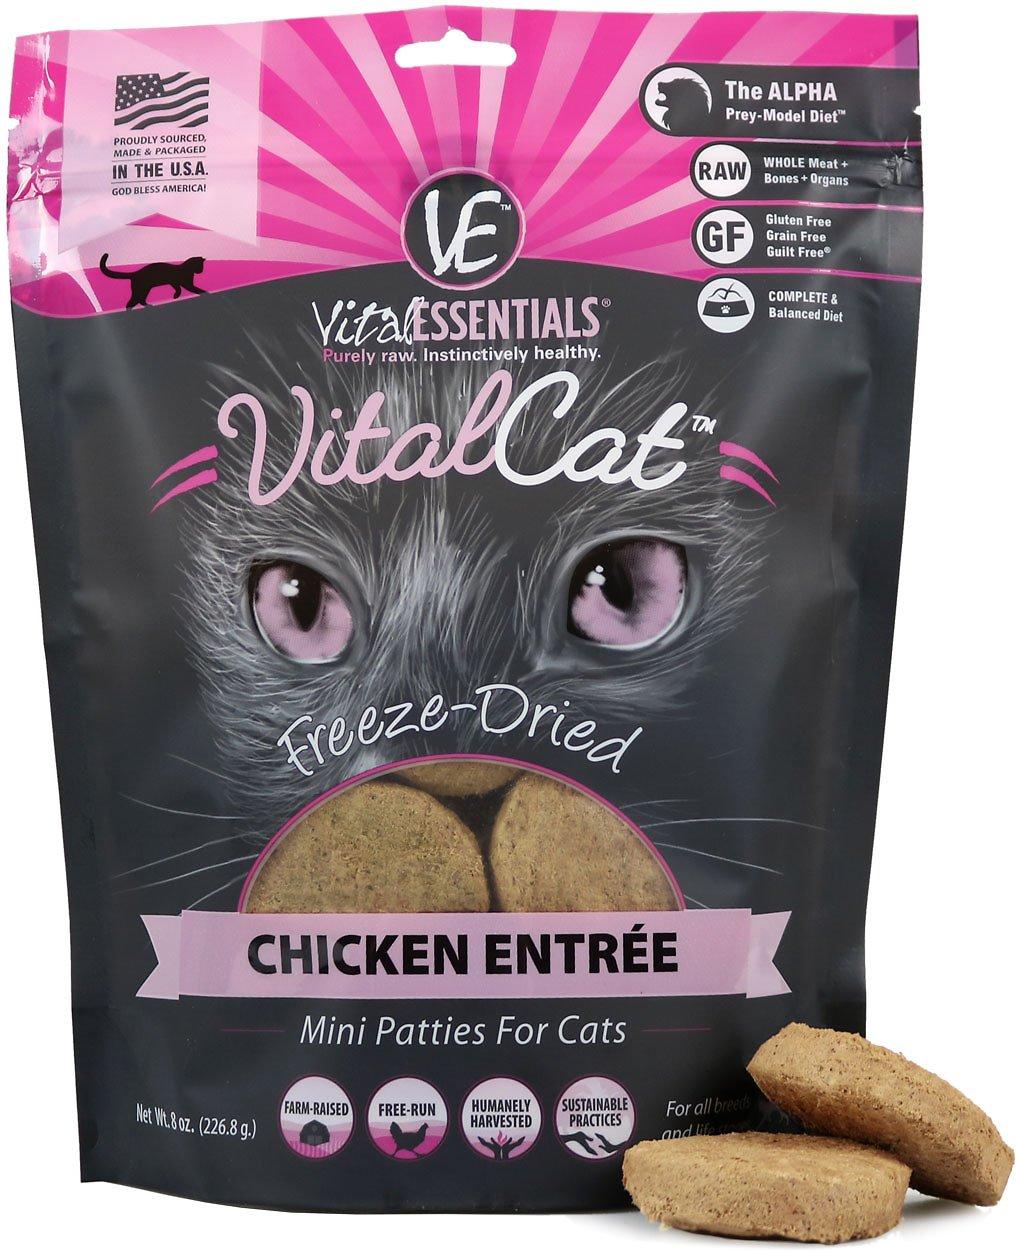 Vital Essential Vital Cat Chicken Entrée Mini Patties Freeze-Dried Cat Food, 8-oz